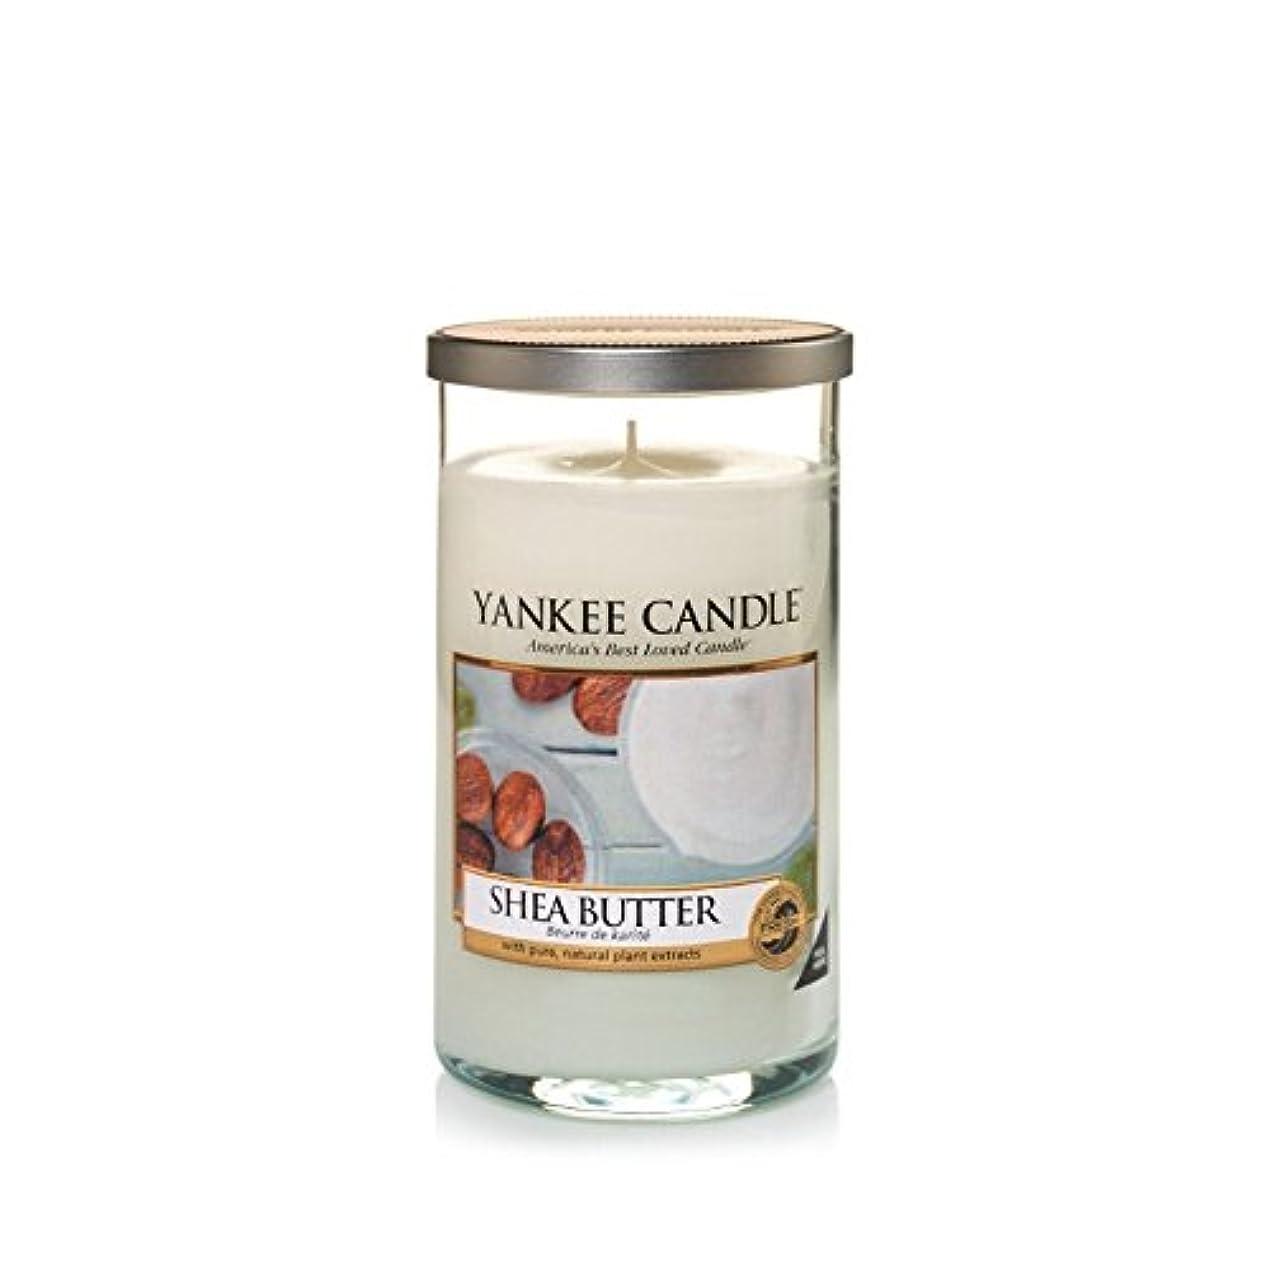 静かな過ち手を差し伸べるヤンキーキャンドルメディアピラーキャンドル - シアバター - Yankee Candles Medium Pillar Candle - Shea Butter (Yankee Candles) [並行輸入品]